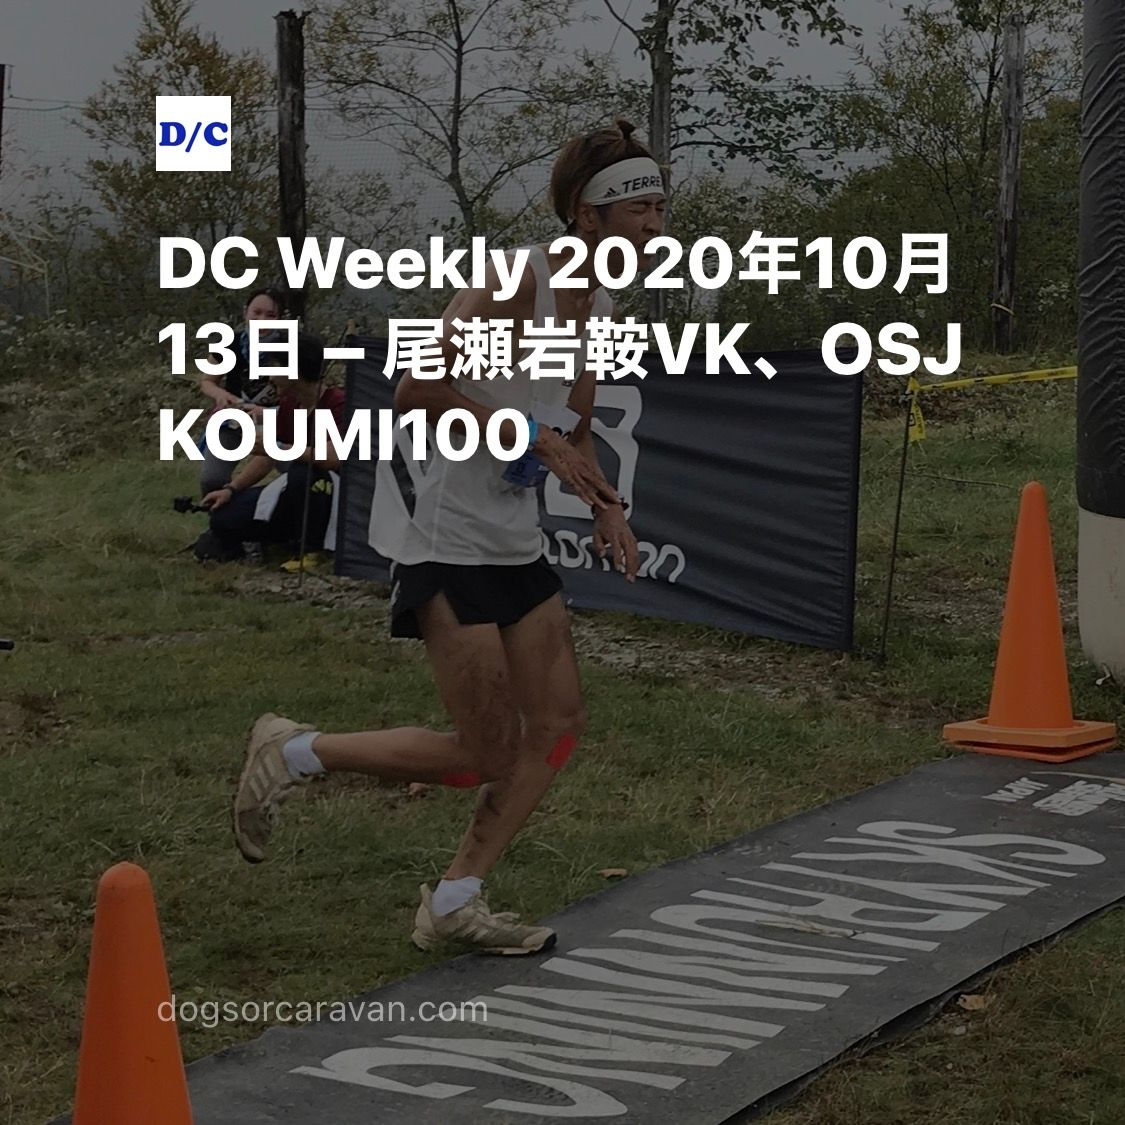 台風で大雨の中、開催された大会の結果を紹介。【新記事】DC Weekly 2020年10月13日 – 尾瀬岩鞍VK、OSJ KOUMI100 dogsorcaravan.com/2020/10/13/dcw…